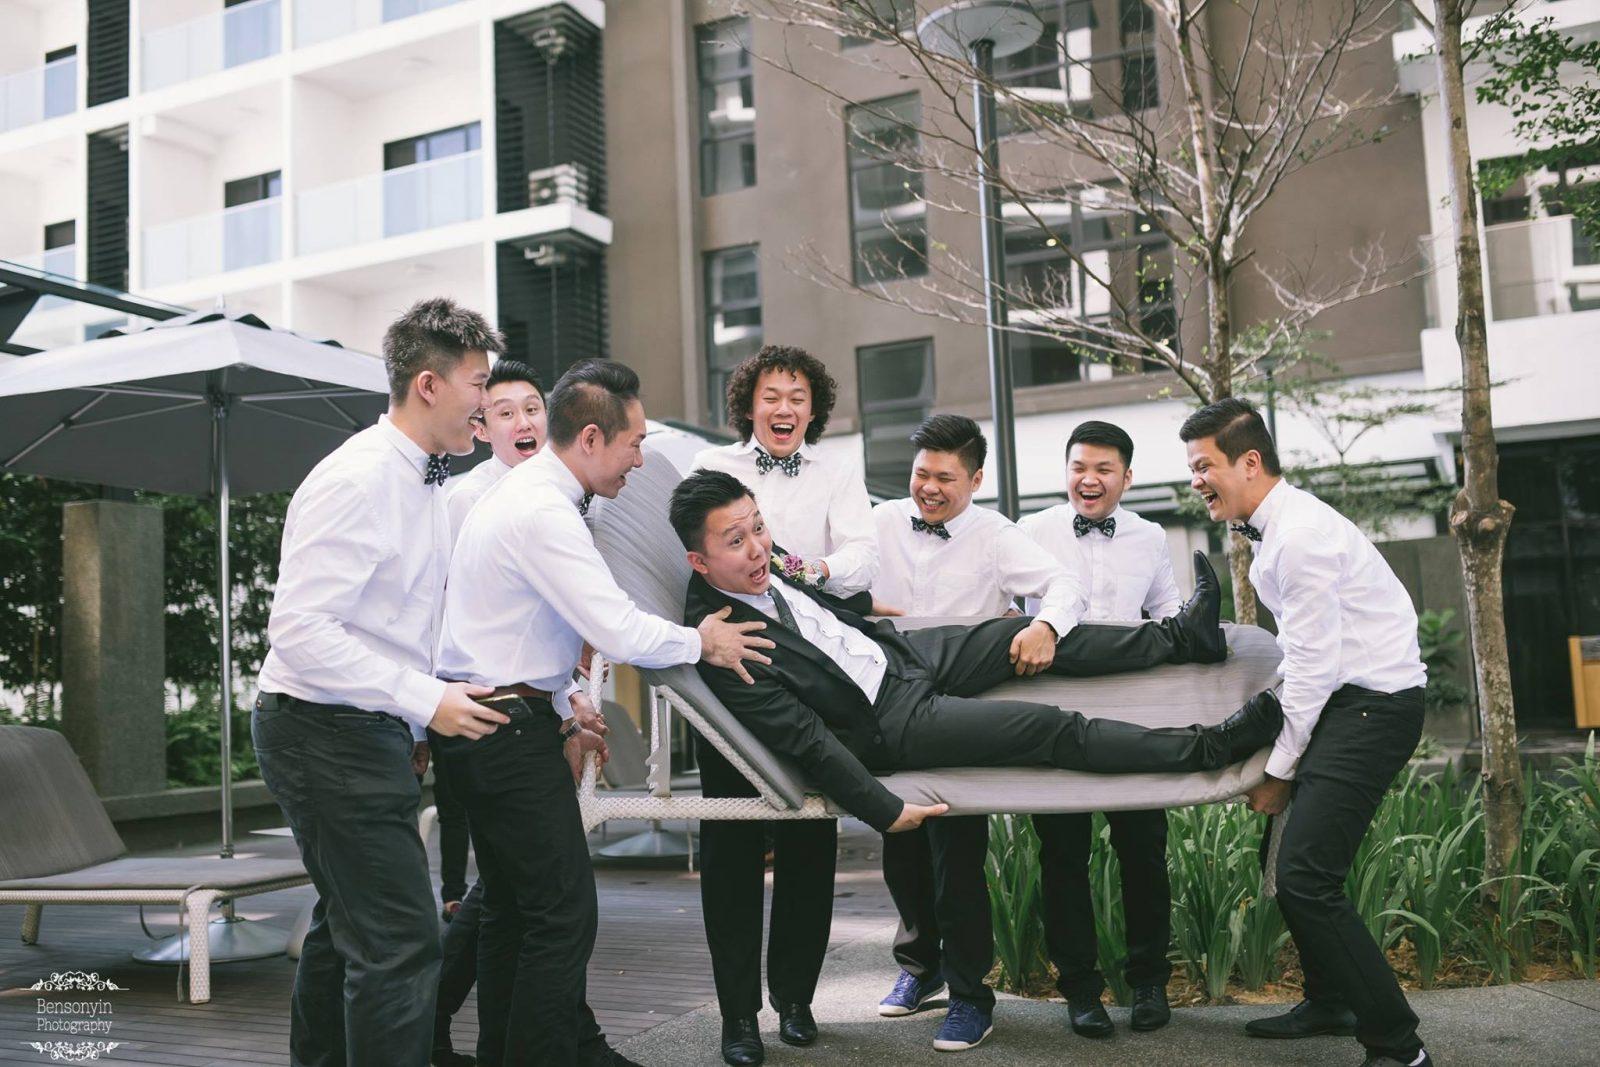 Wedding groomsmen - wedding photography by Benson Yin